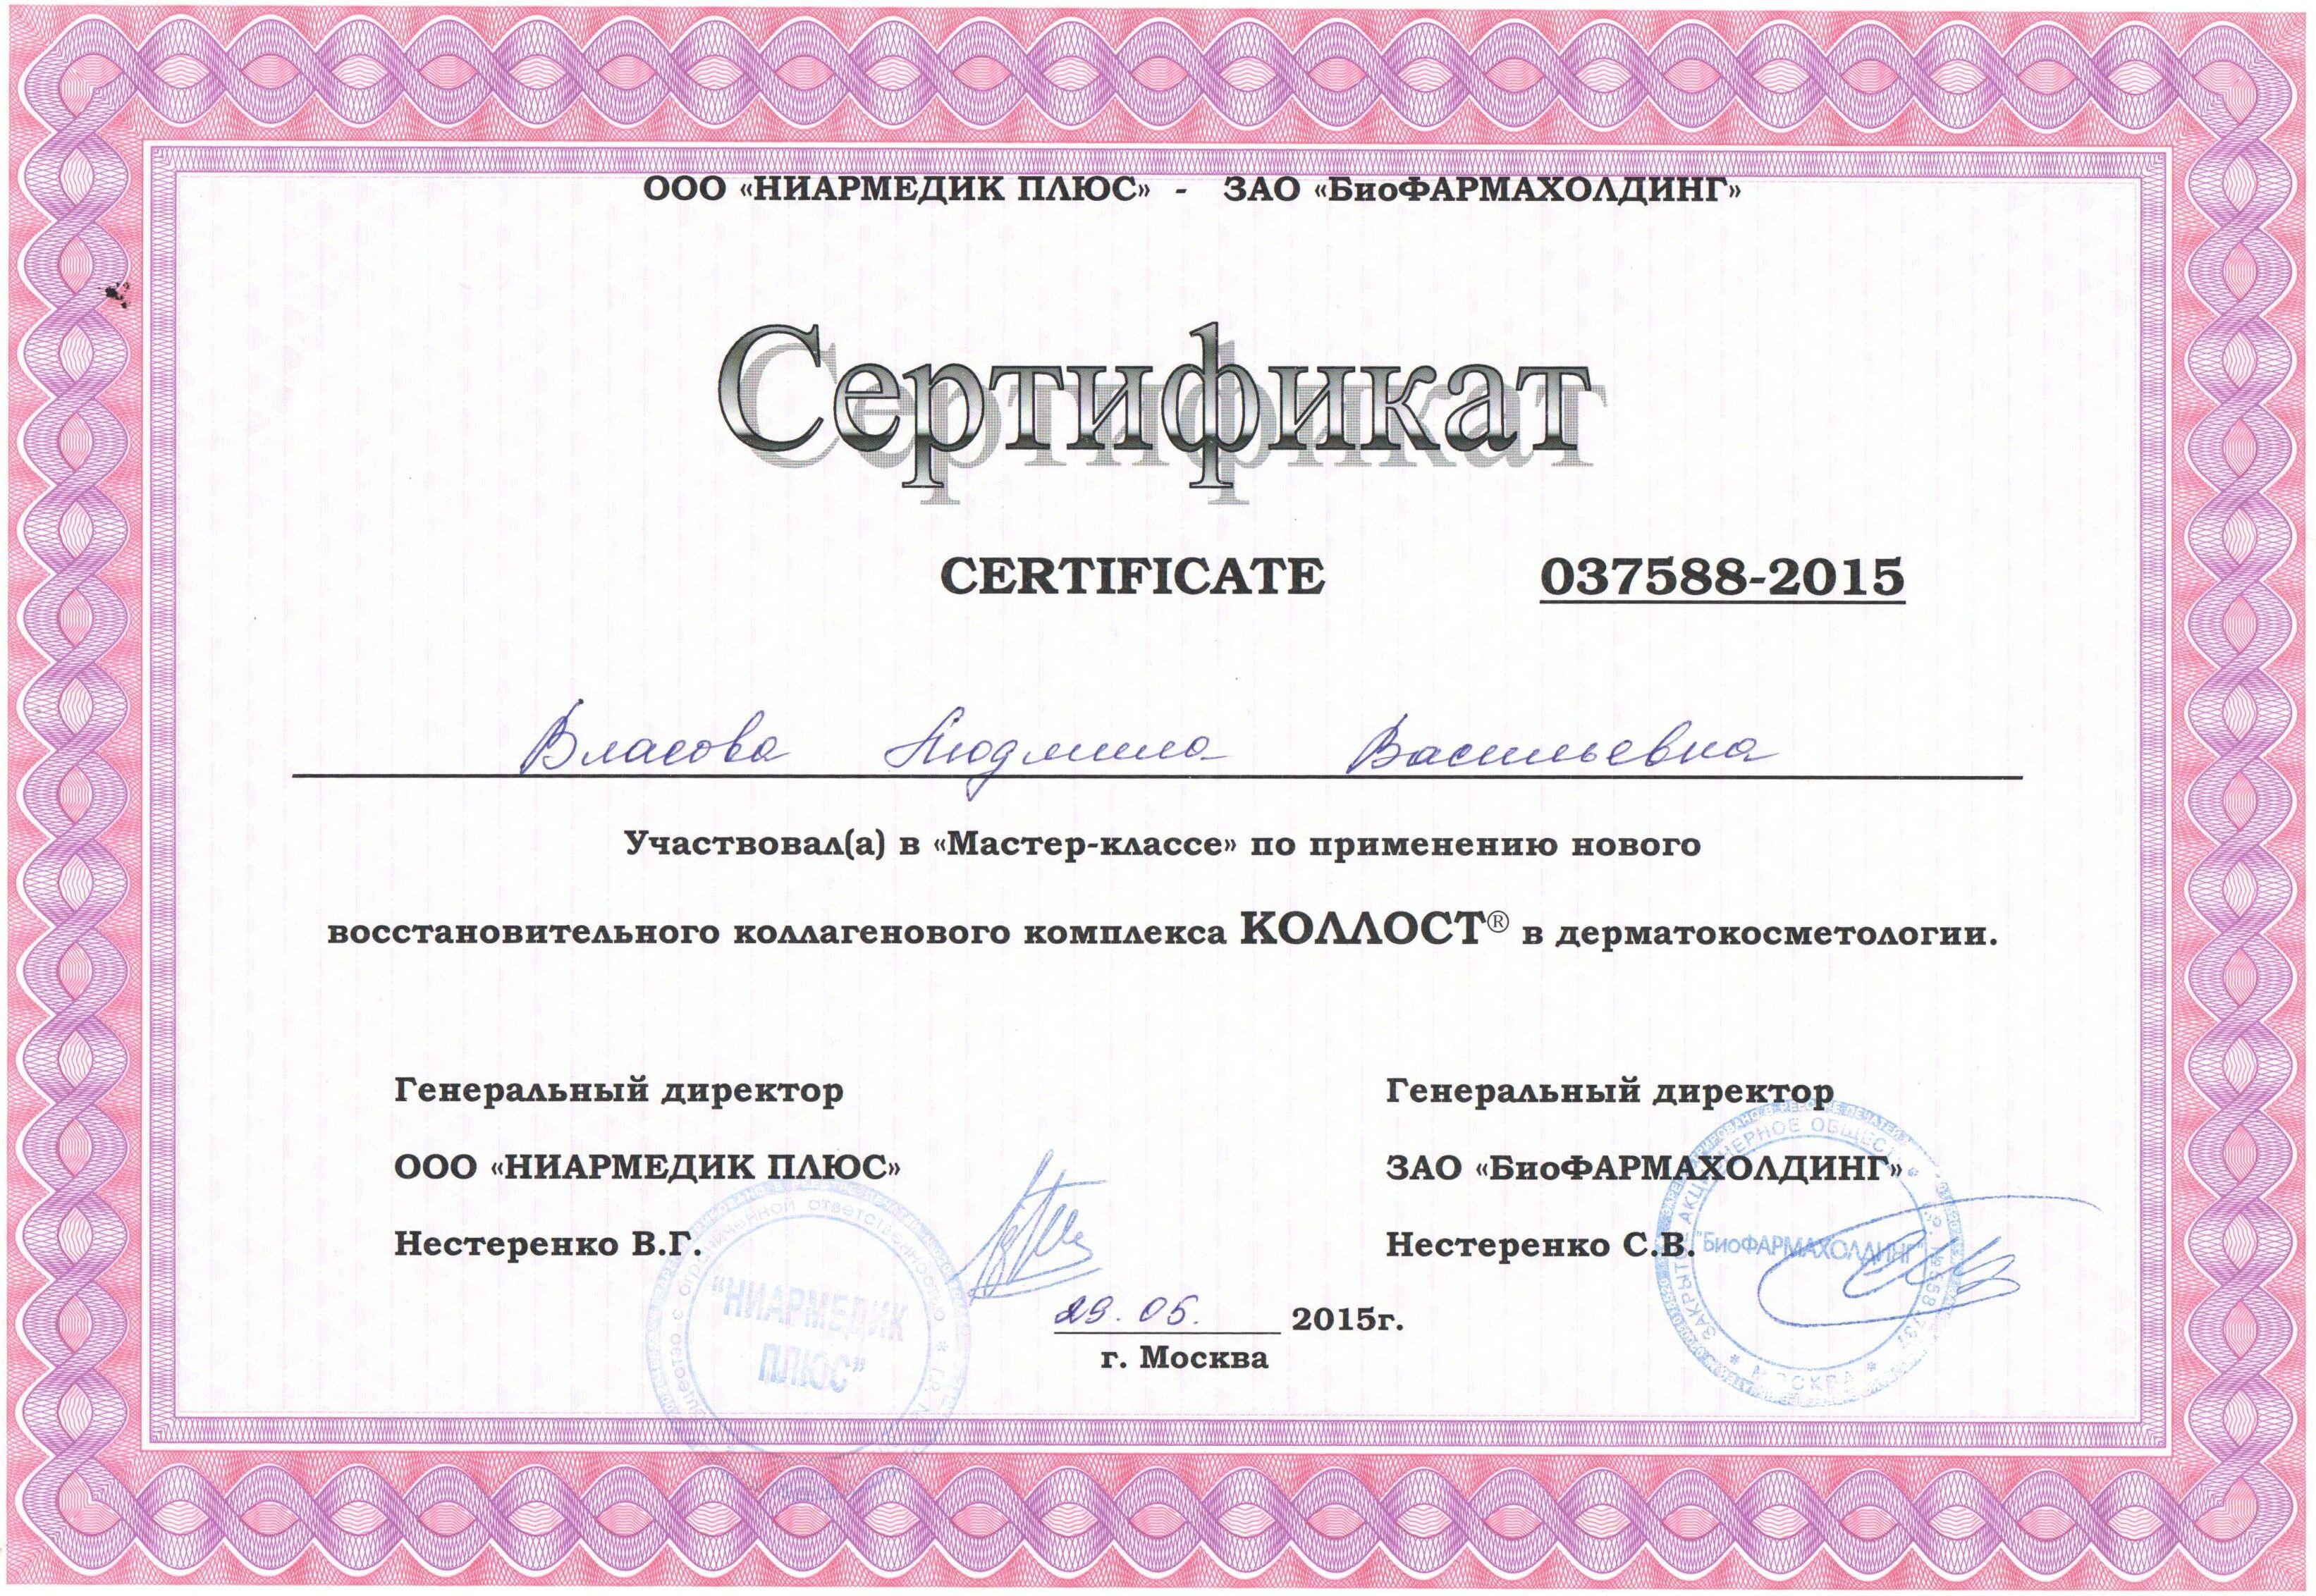 обучающие курсы косметологии город курск кто-то хочет